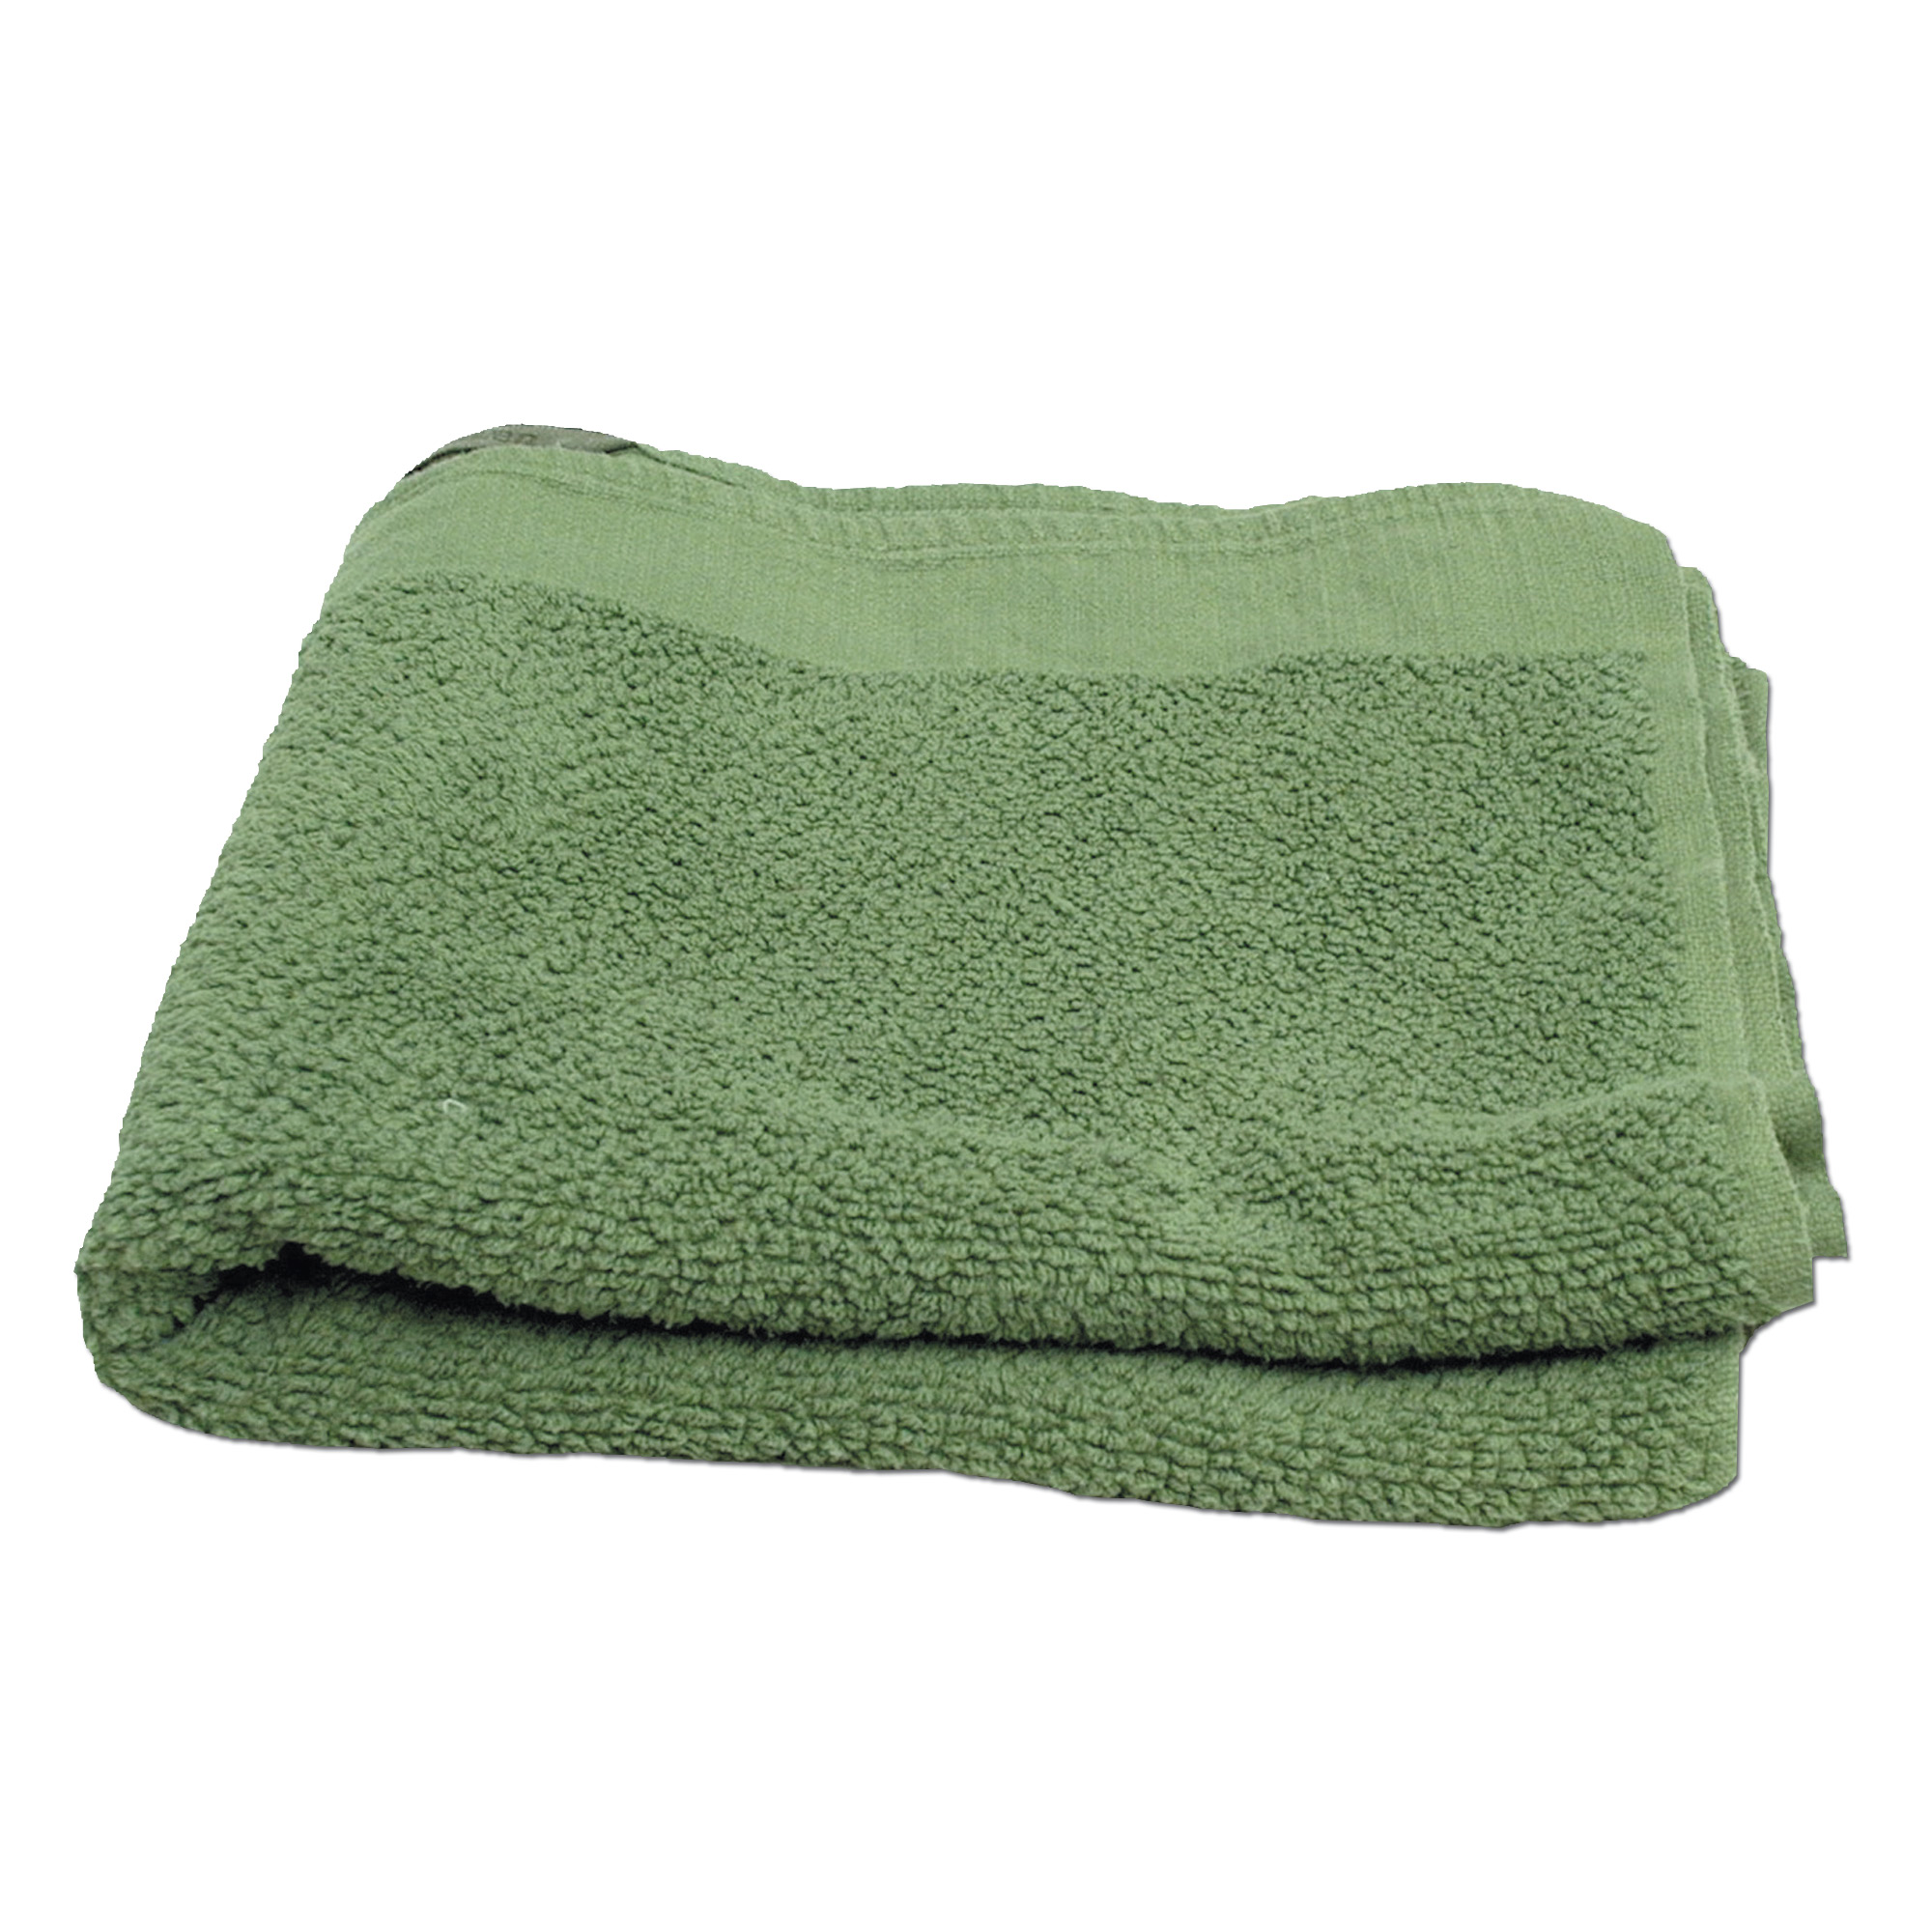 BW Handtuch oliv gebraucht